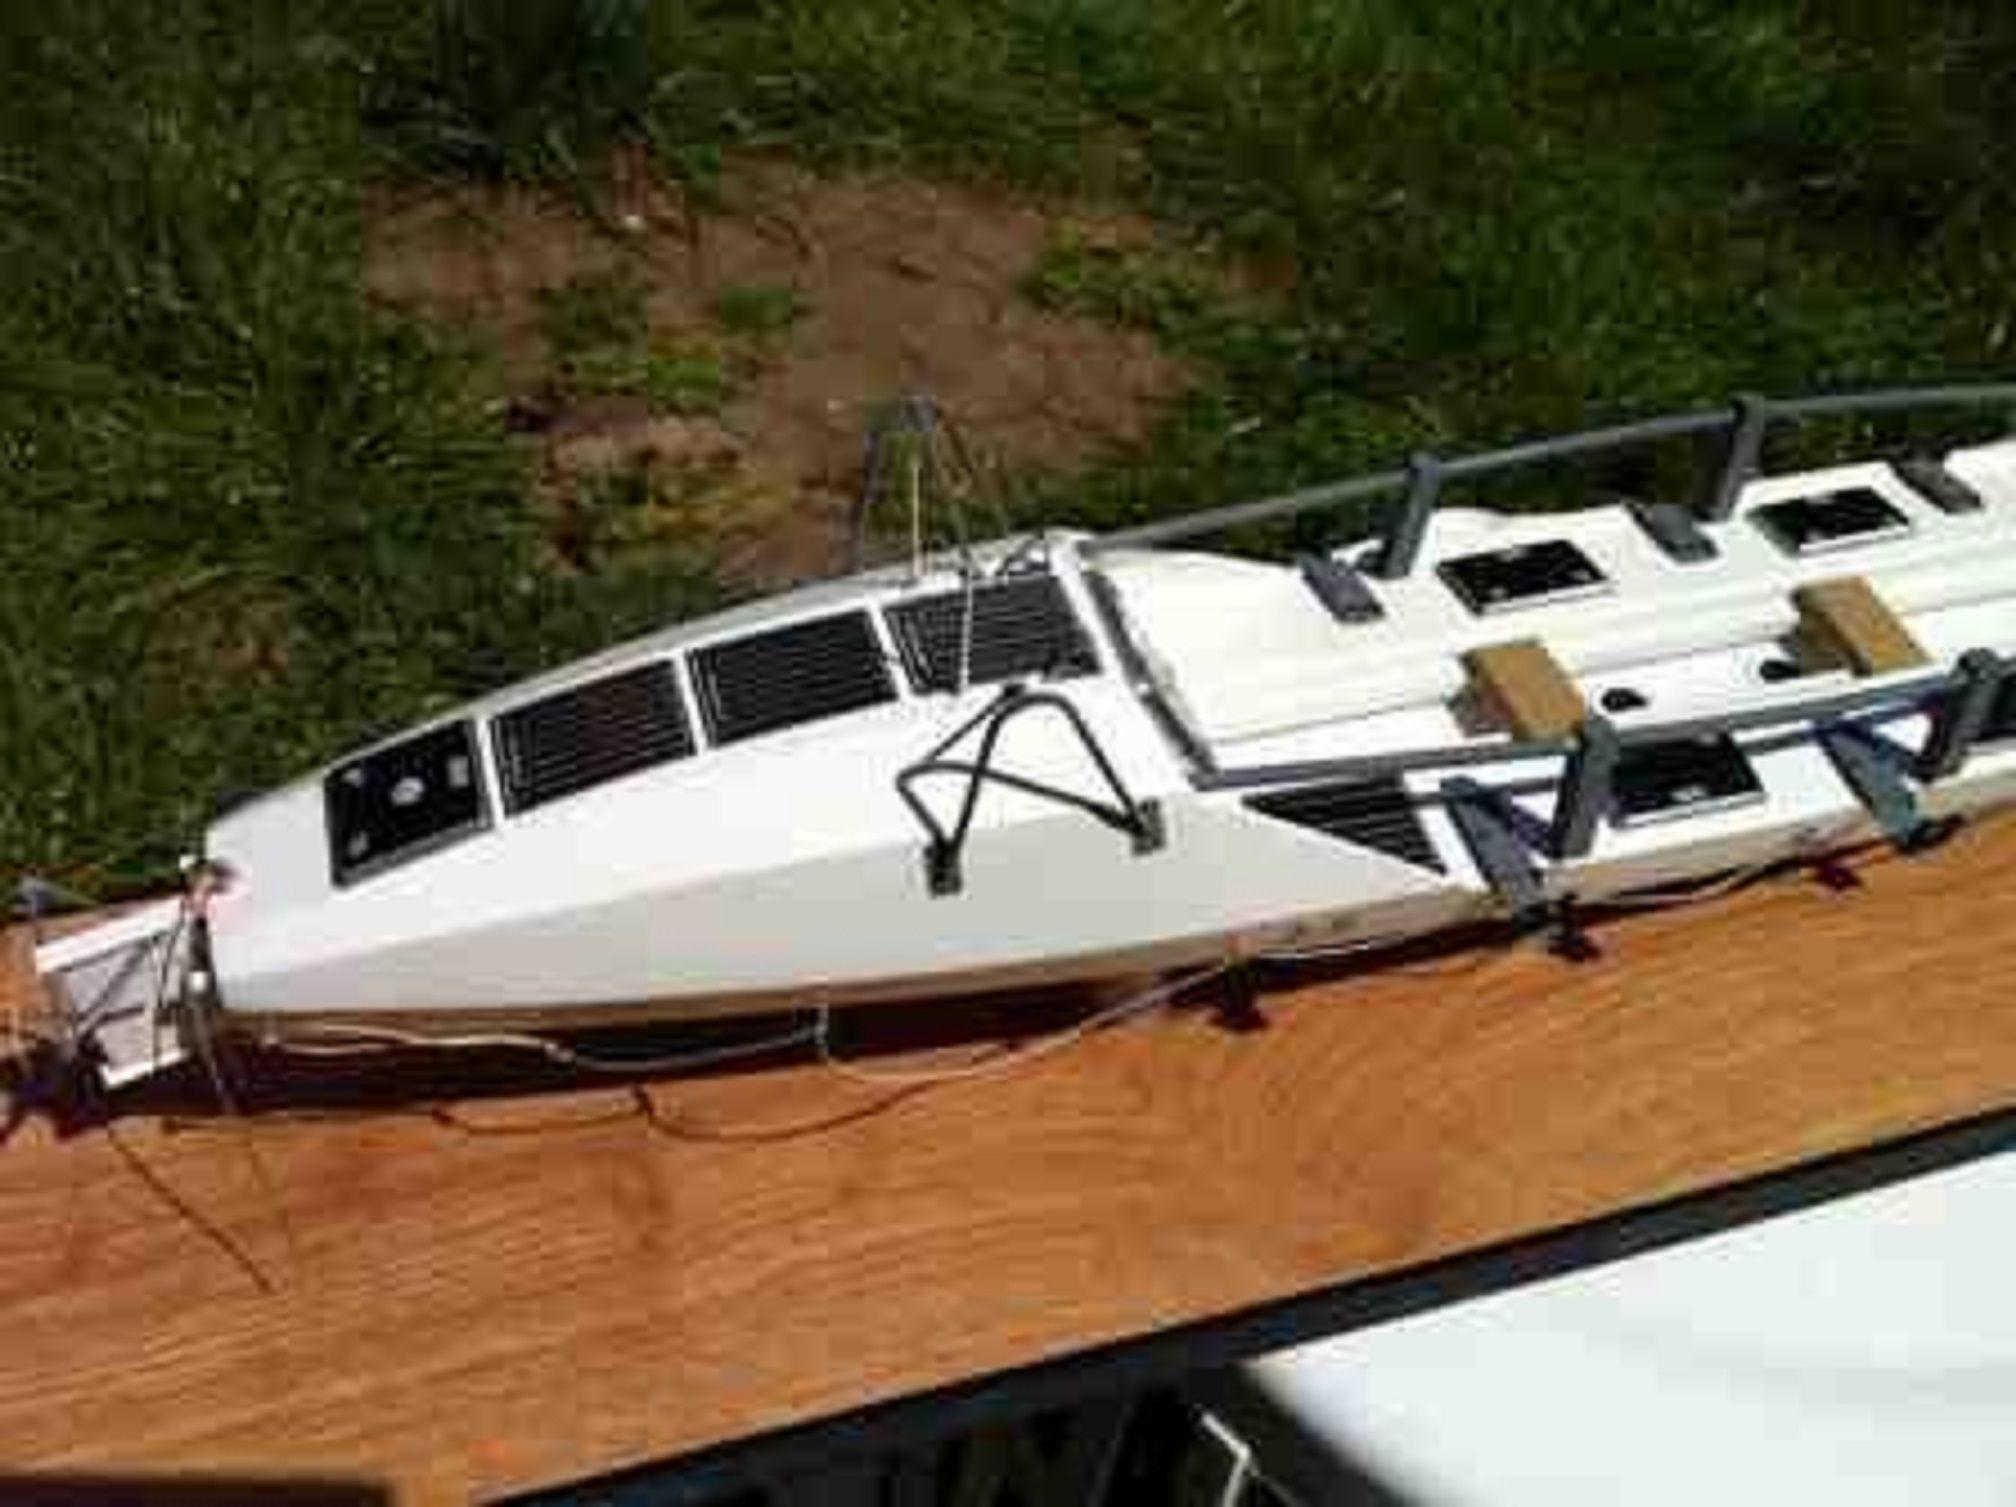 1262-7057-Ocean-Rowing-Boat-Large